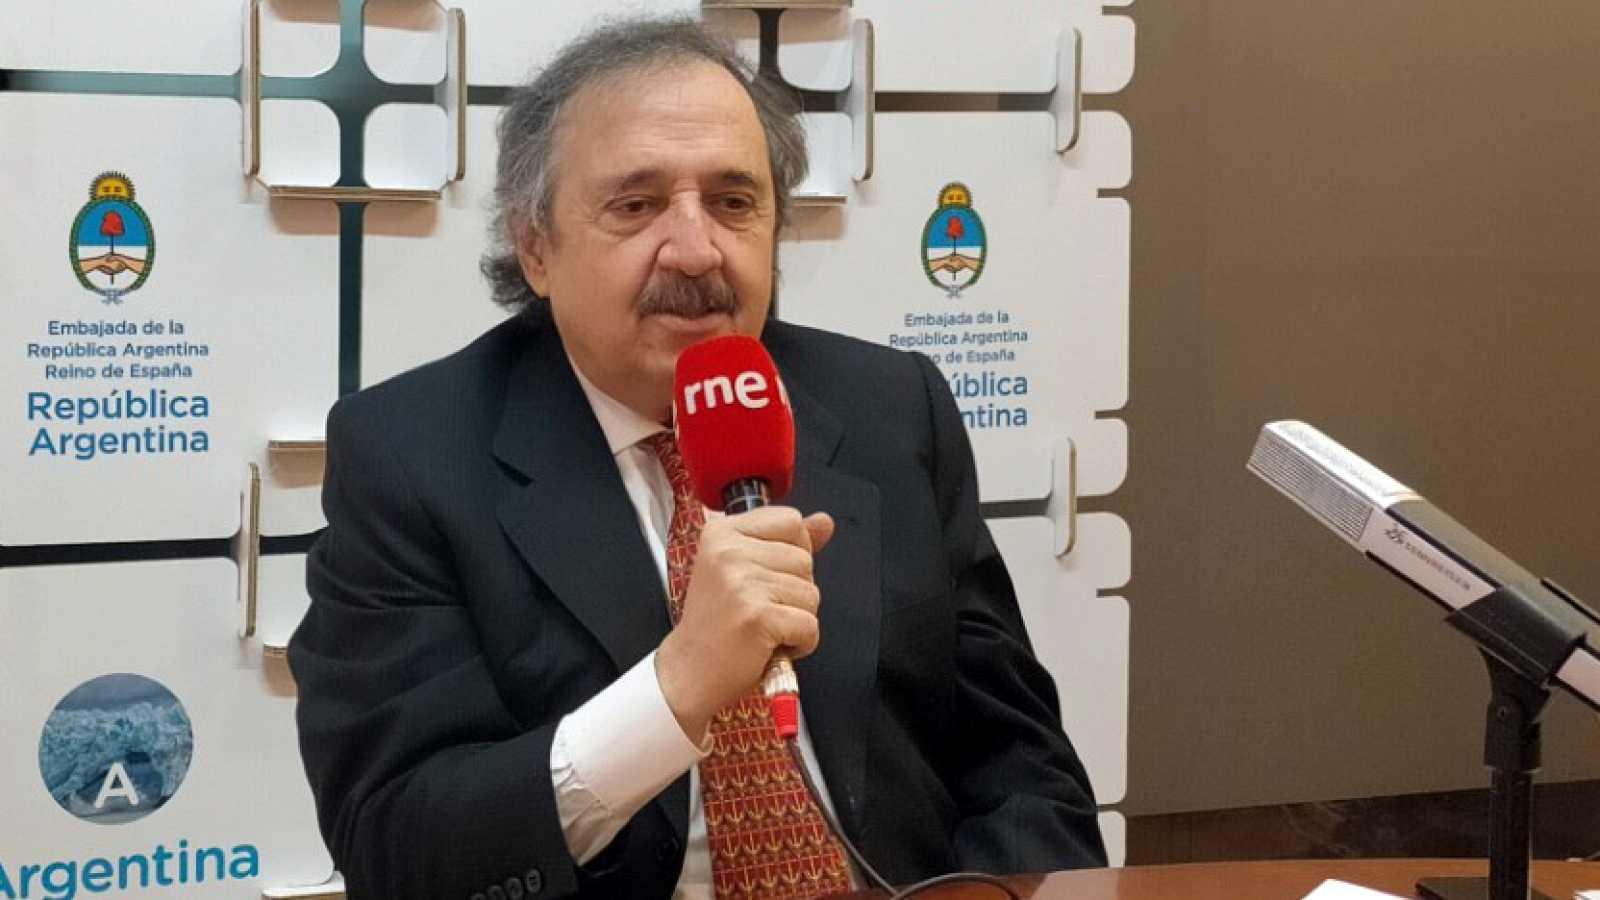 Hora América - Ricardo Alfonsín, embajador de Argentina en España - 18/01/21 - escuchar ahora